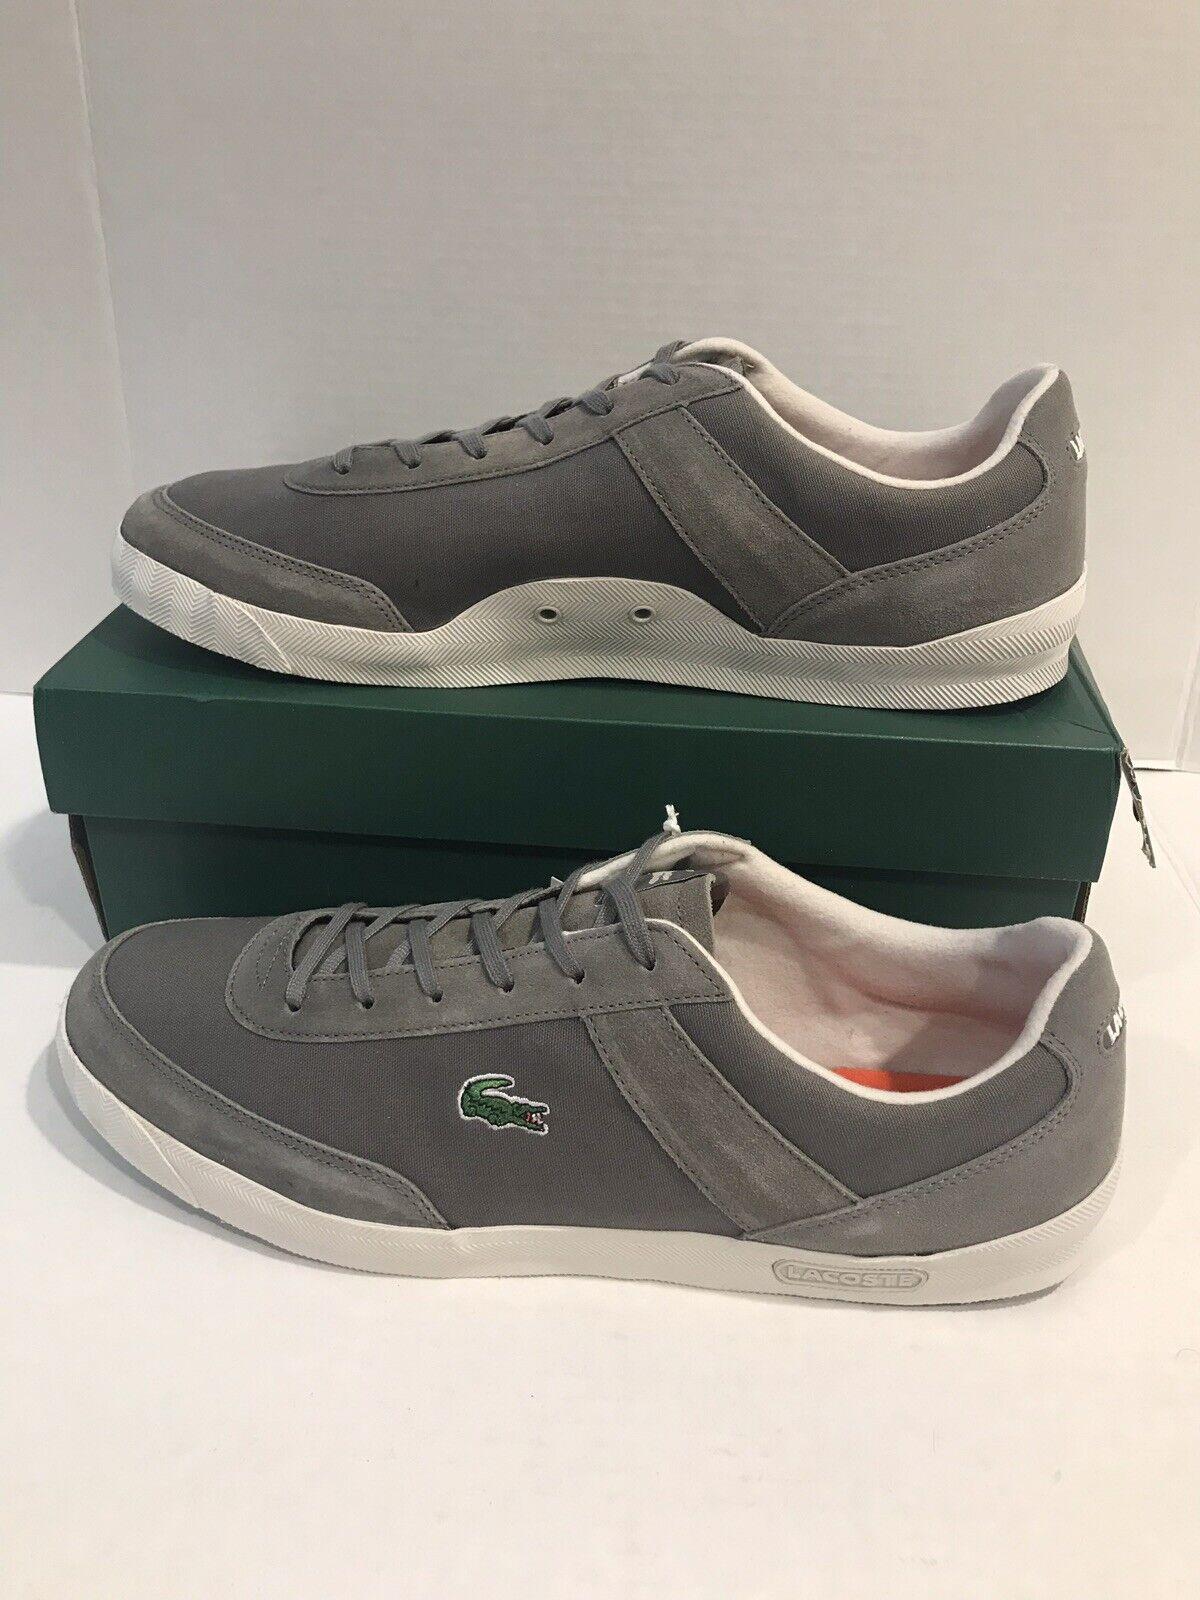 Lacoste Suzuka para hombre S Spm gris Hombres Zapatos para Caminar Lona Gamuza